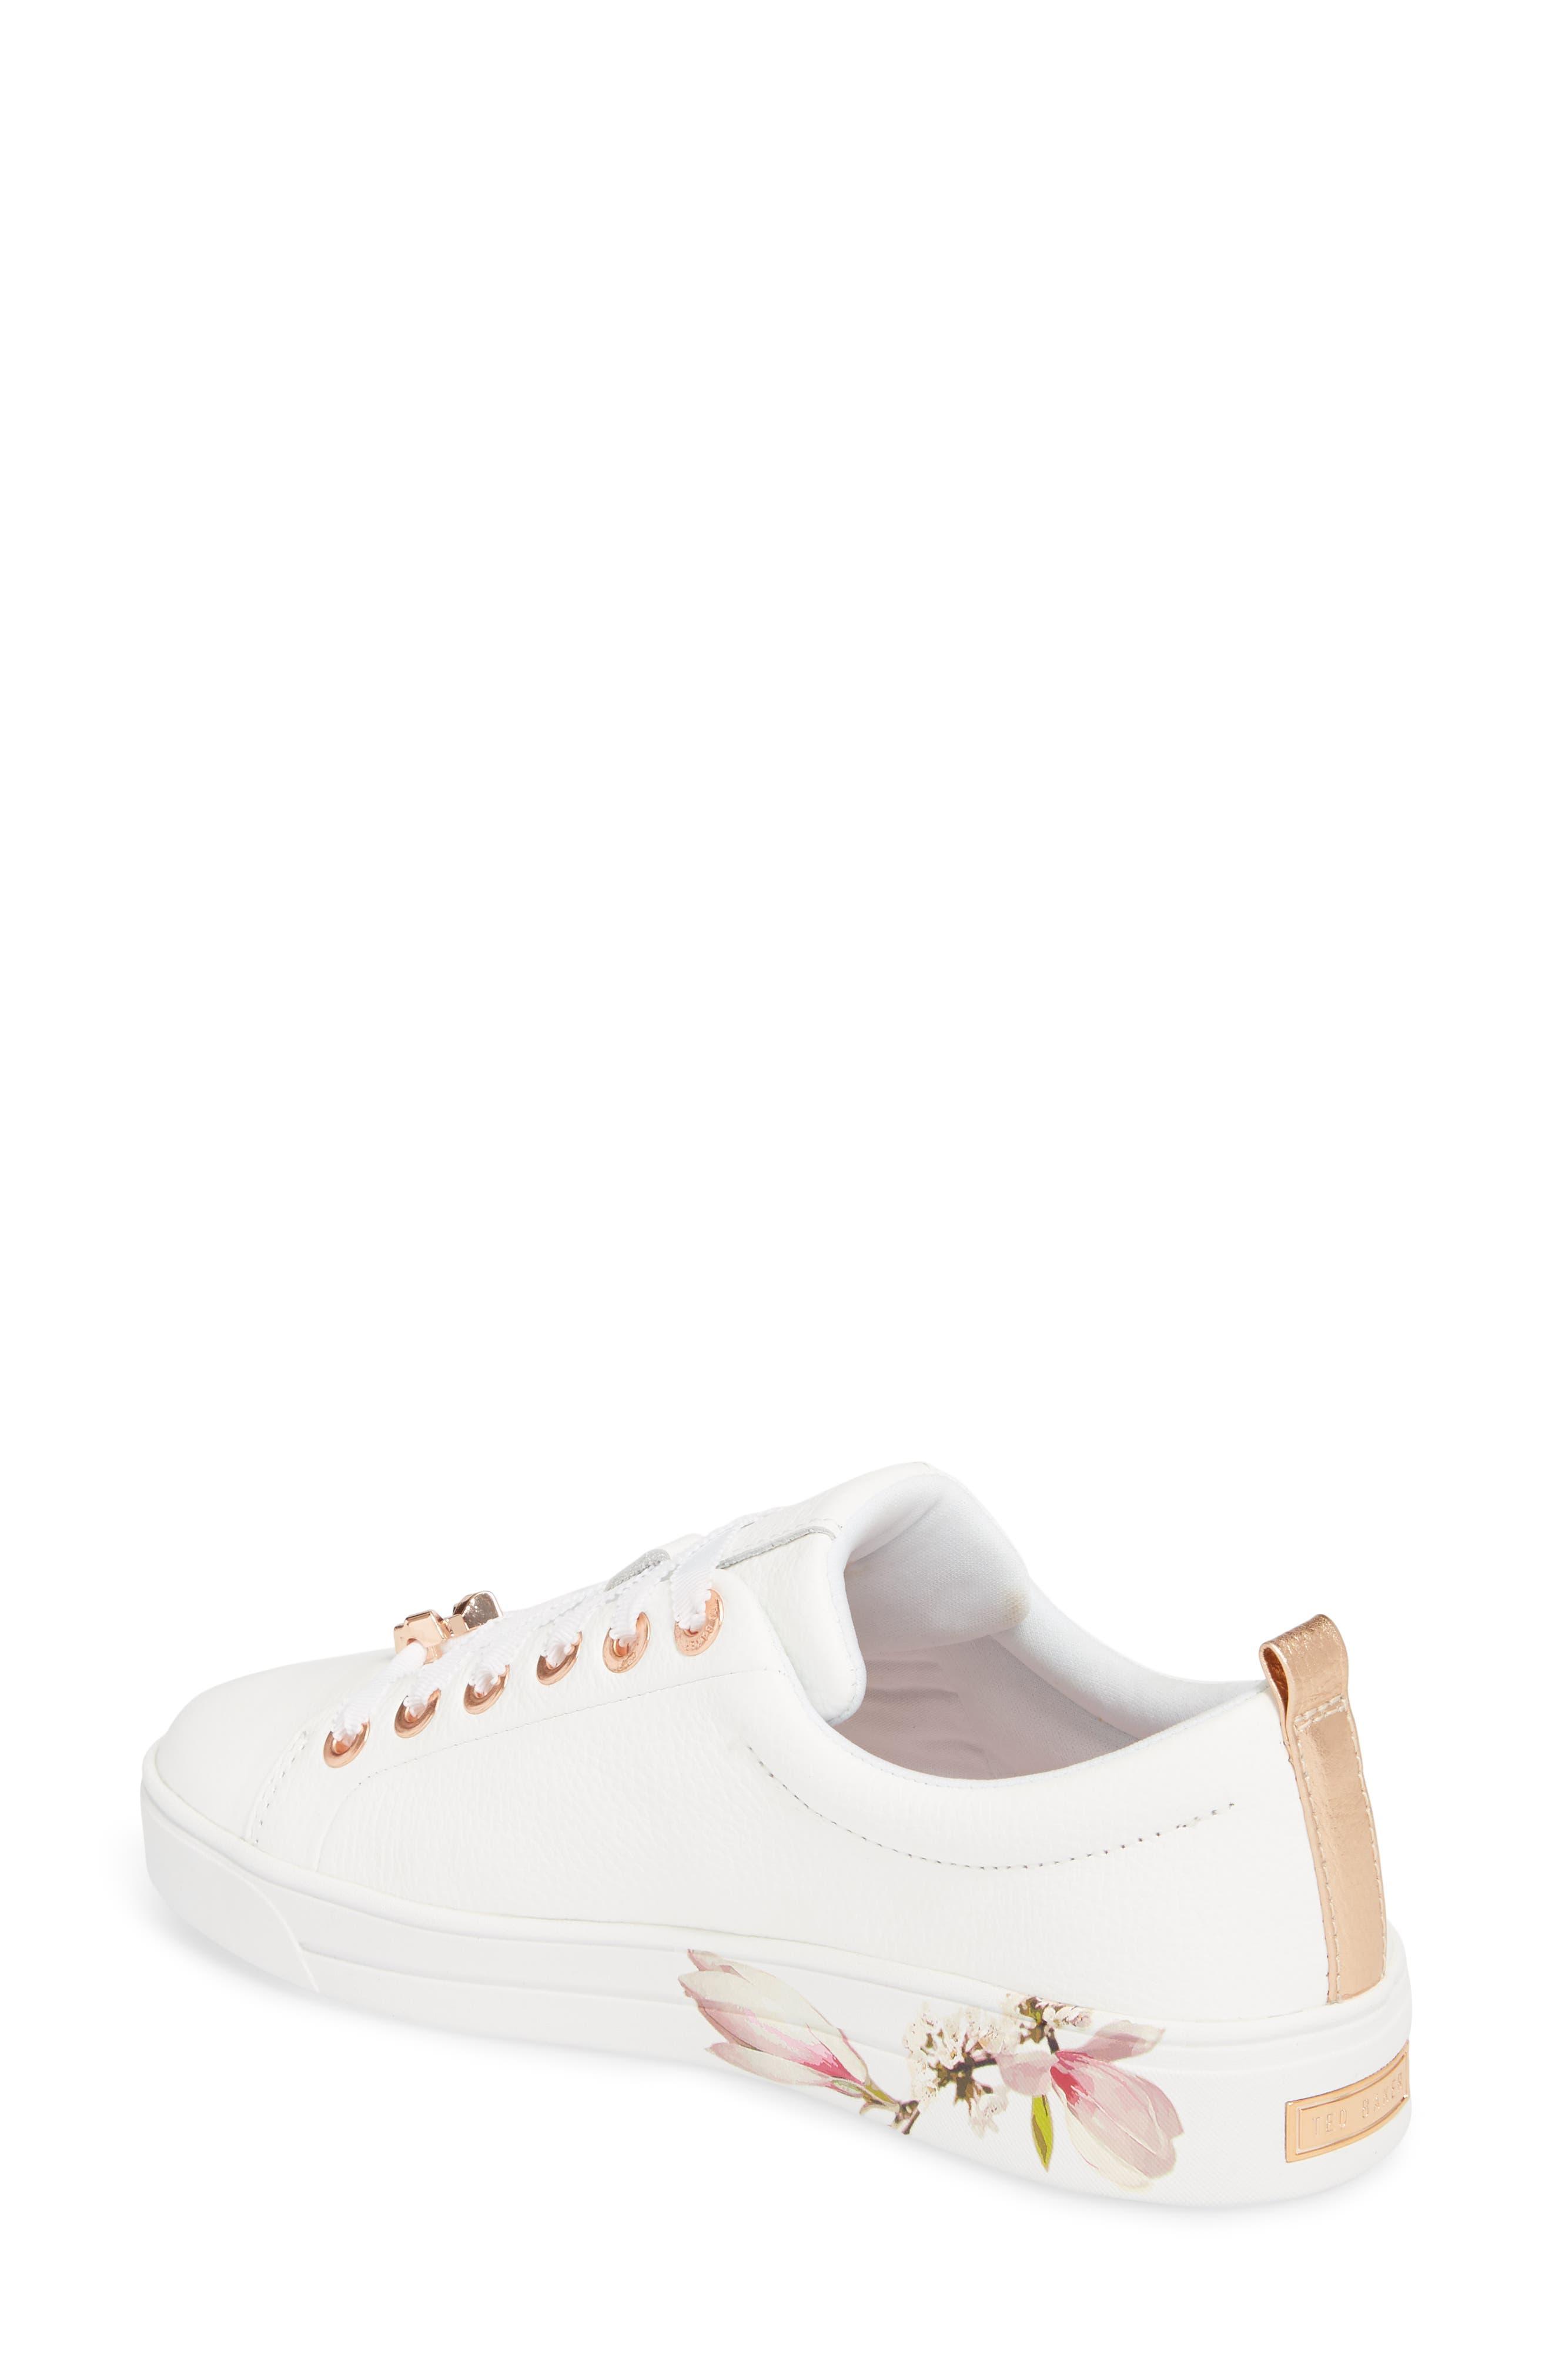 Kelleip Sneaker,                             Alternate thumbnail 8, color,